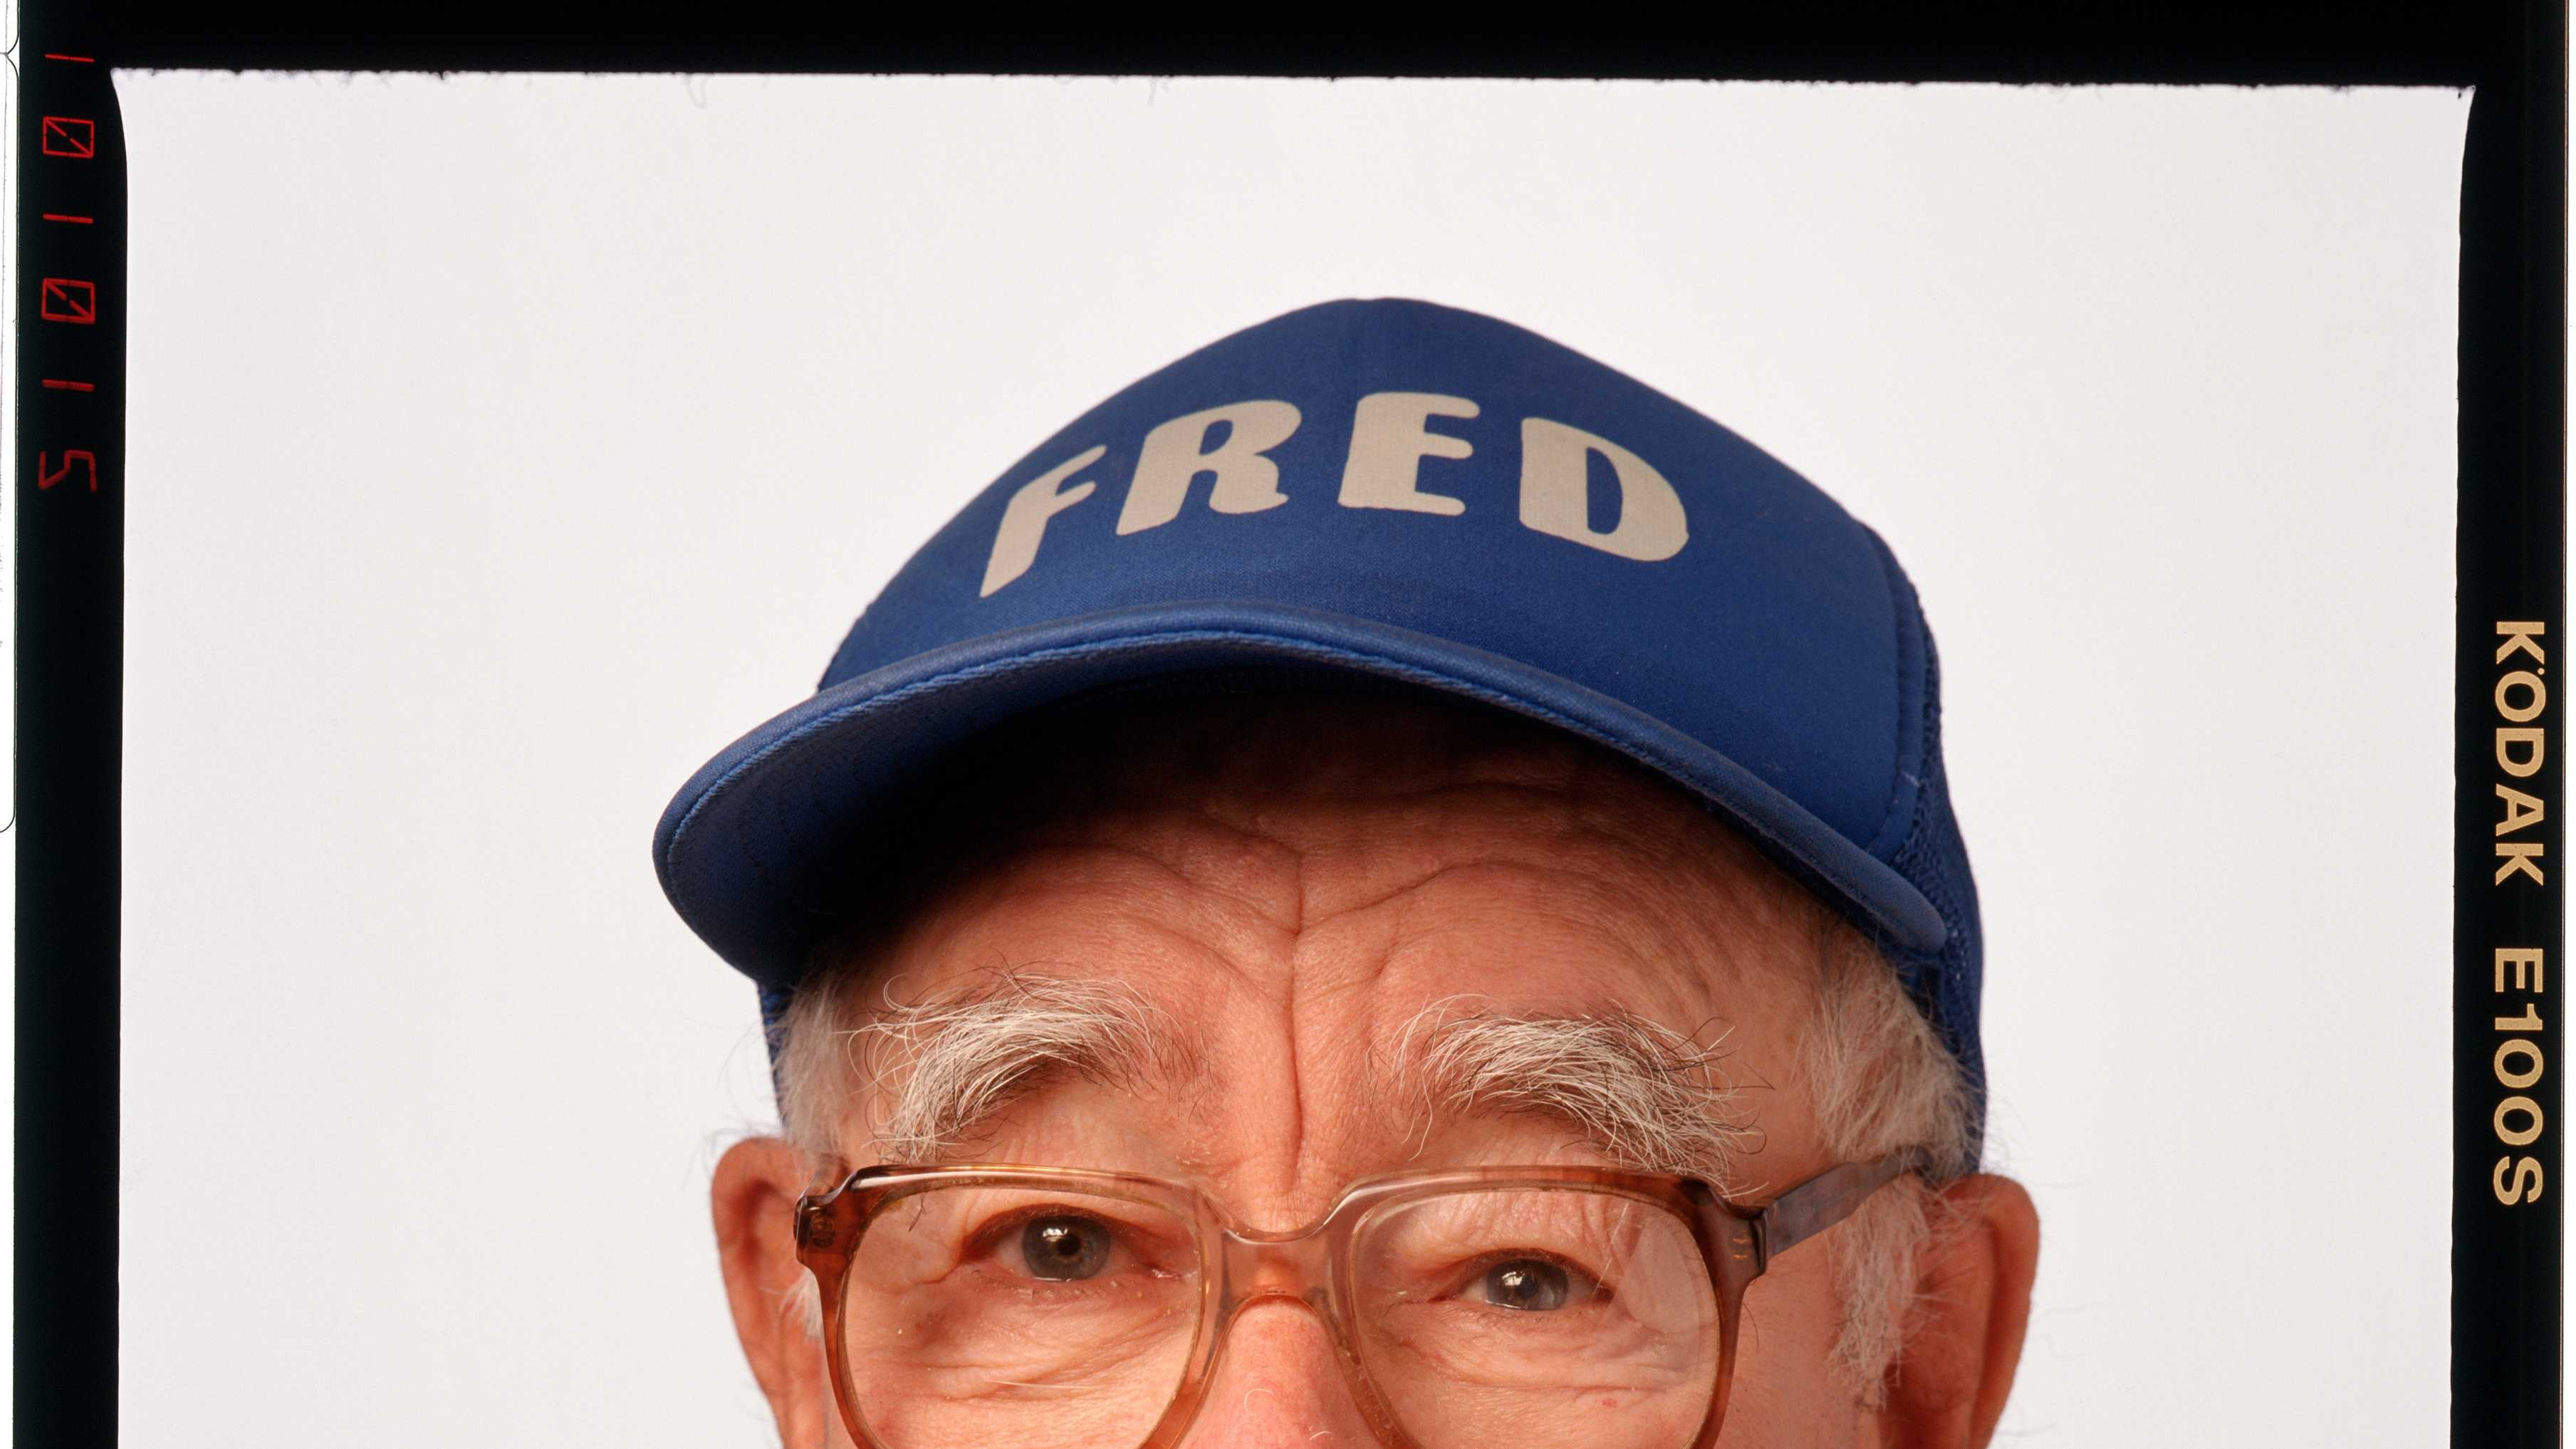 Fred_5.2.jpg